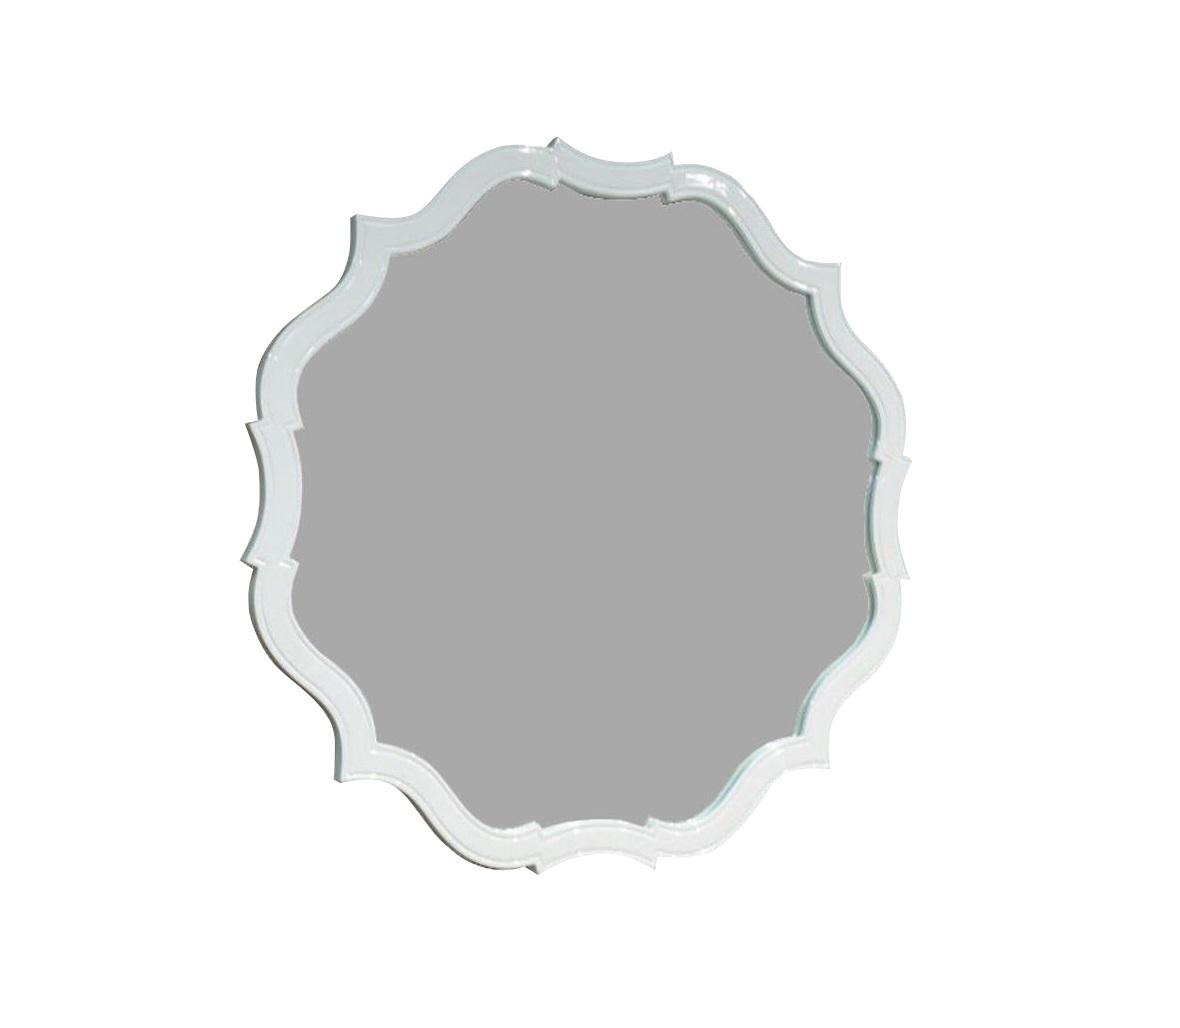 Зеркало RiminiНастенные зеркала<br>&amp;quot;Rimini&amp;quot; ? зеркало, сочетающее в своем оформлении роскошь и интимность, лаконичность и эффектность, простоту и оригинальность. Сложность пропорций интересной рамы становится удивительно ясной и понятной при ближайшем рассмотрении. В изломах ее плавных граней кроется очарование аристократичной сдержанности. Она находит продолжение и в аскетичной отделке, выраженной в чистоте и нежности кремового белого оттенка. Натуральная древесина, преображенная глянцем, позволяет декору смотреться гламурно и аскетично одновременно, делая его отменным дополнением для любых французских интерьеров.<br><br>Material: Стекло<br>Length см: 86<br>Width см: 86<br>Depth см: 3